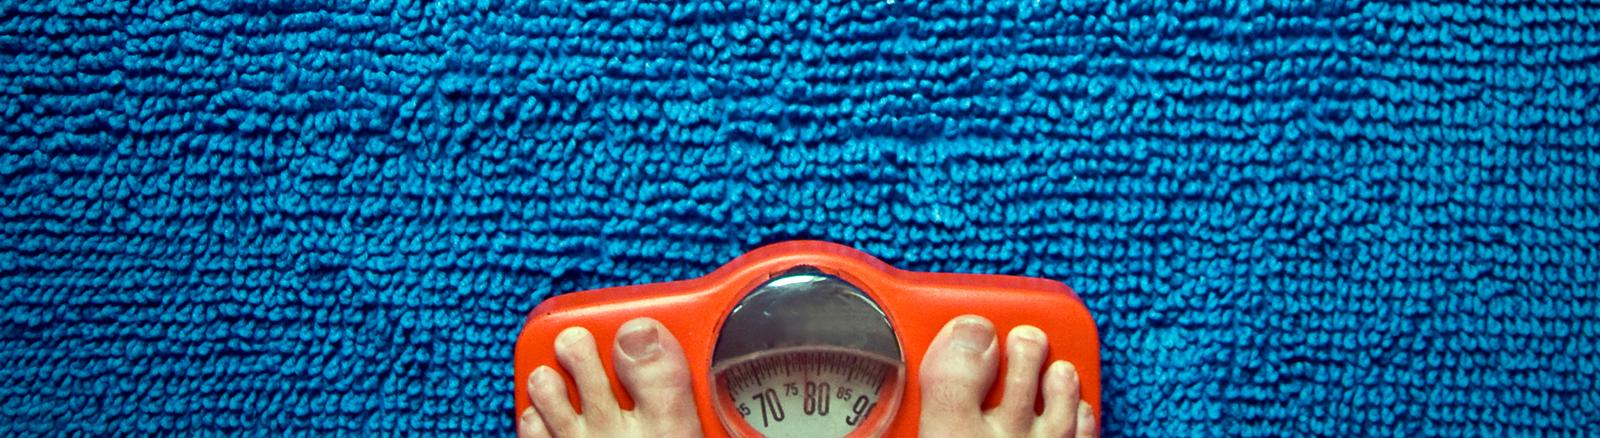 Füße auf einer orangen Waage, die auf einer blauen Badematte steht.